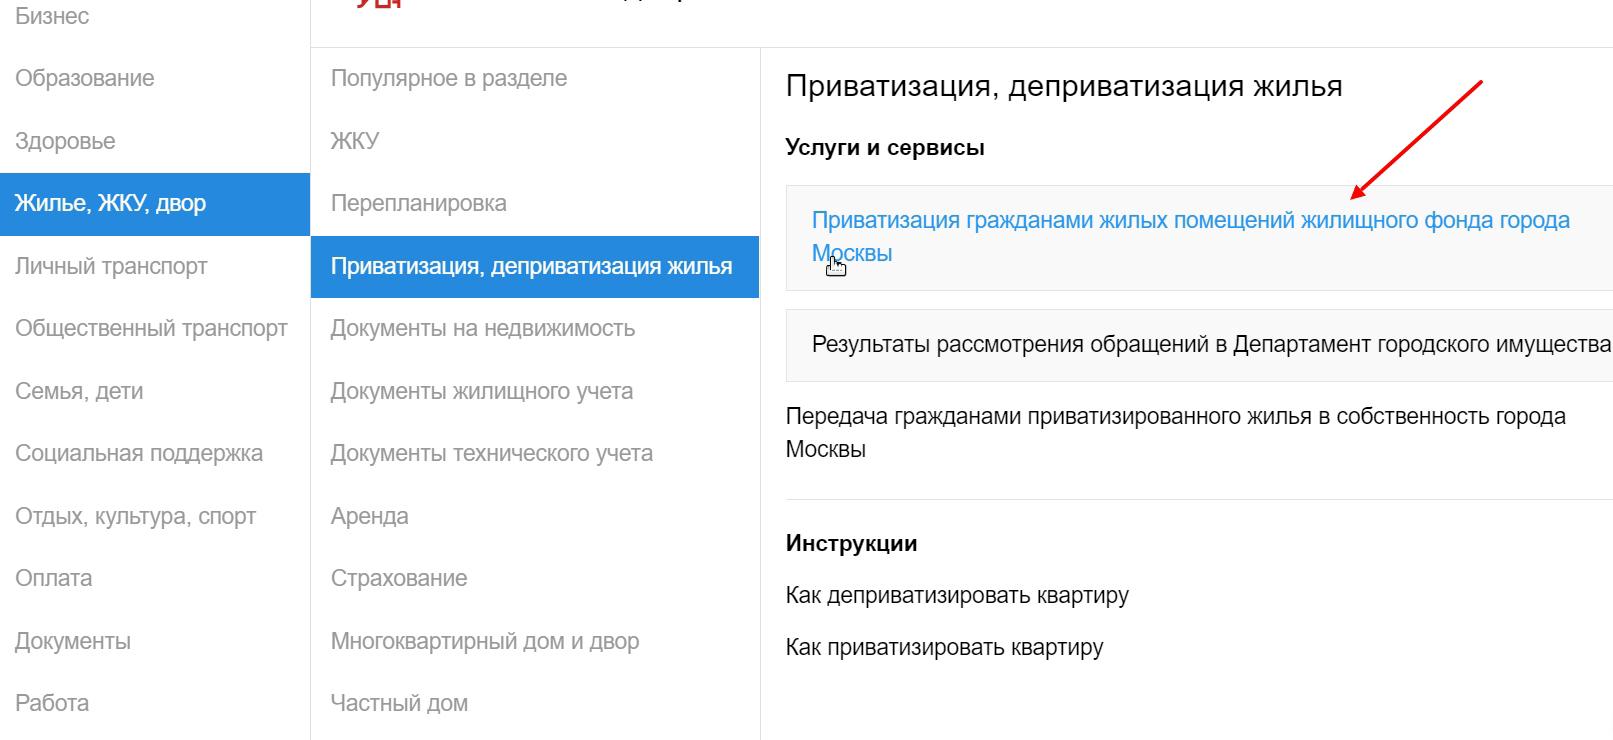 приватизация недвижимости из жилого фонда Москвы